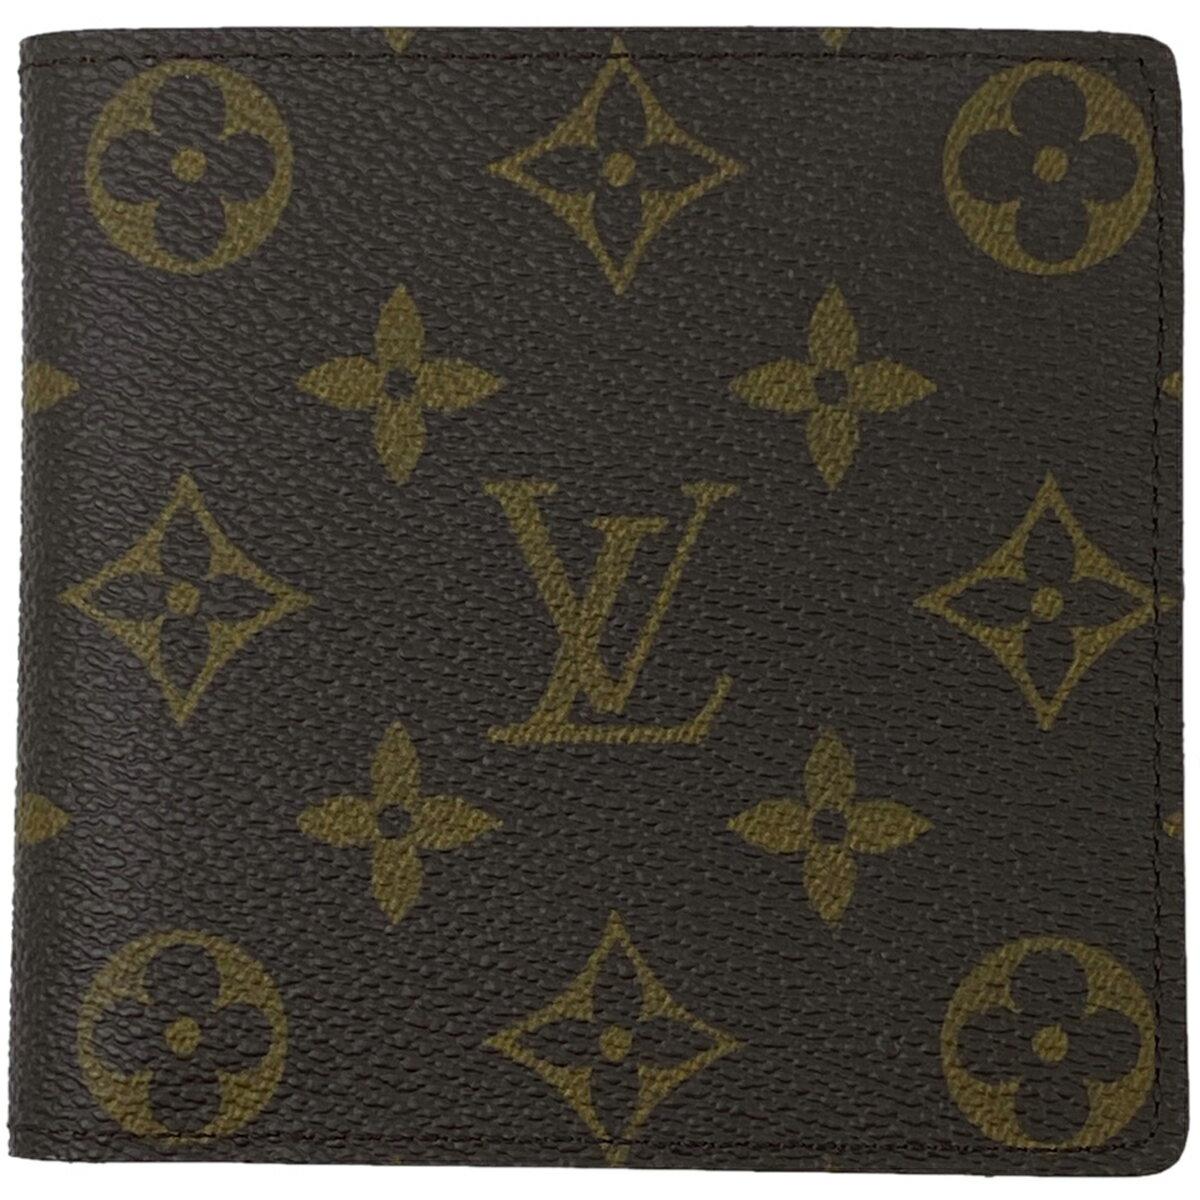 財布・ケース, レディース財布  Louis Vuitton M61665